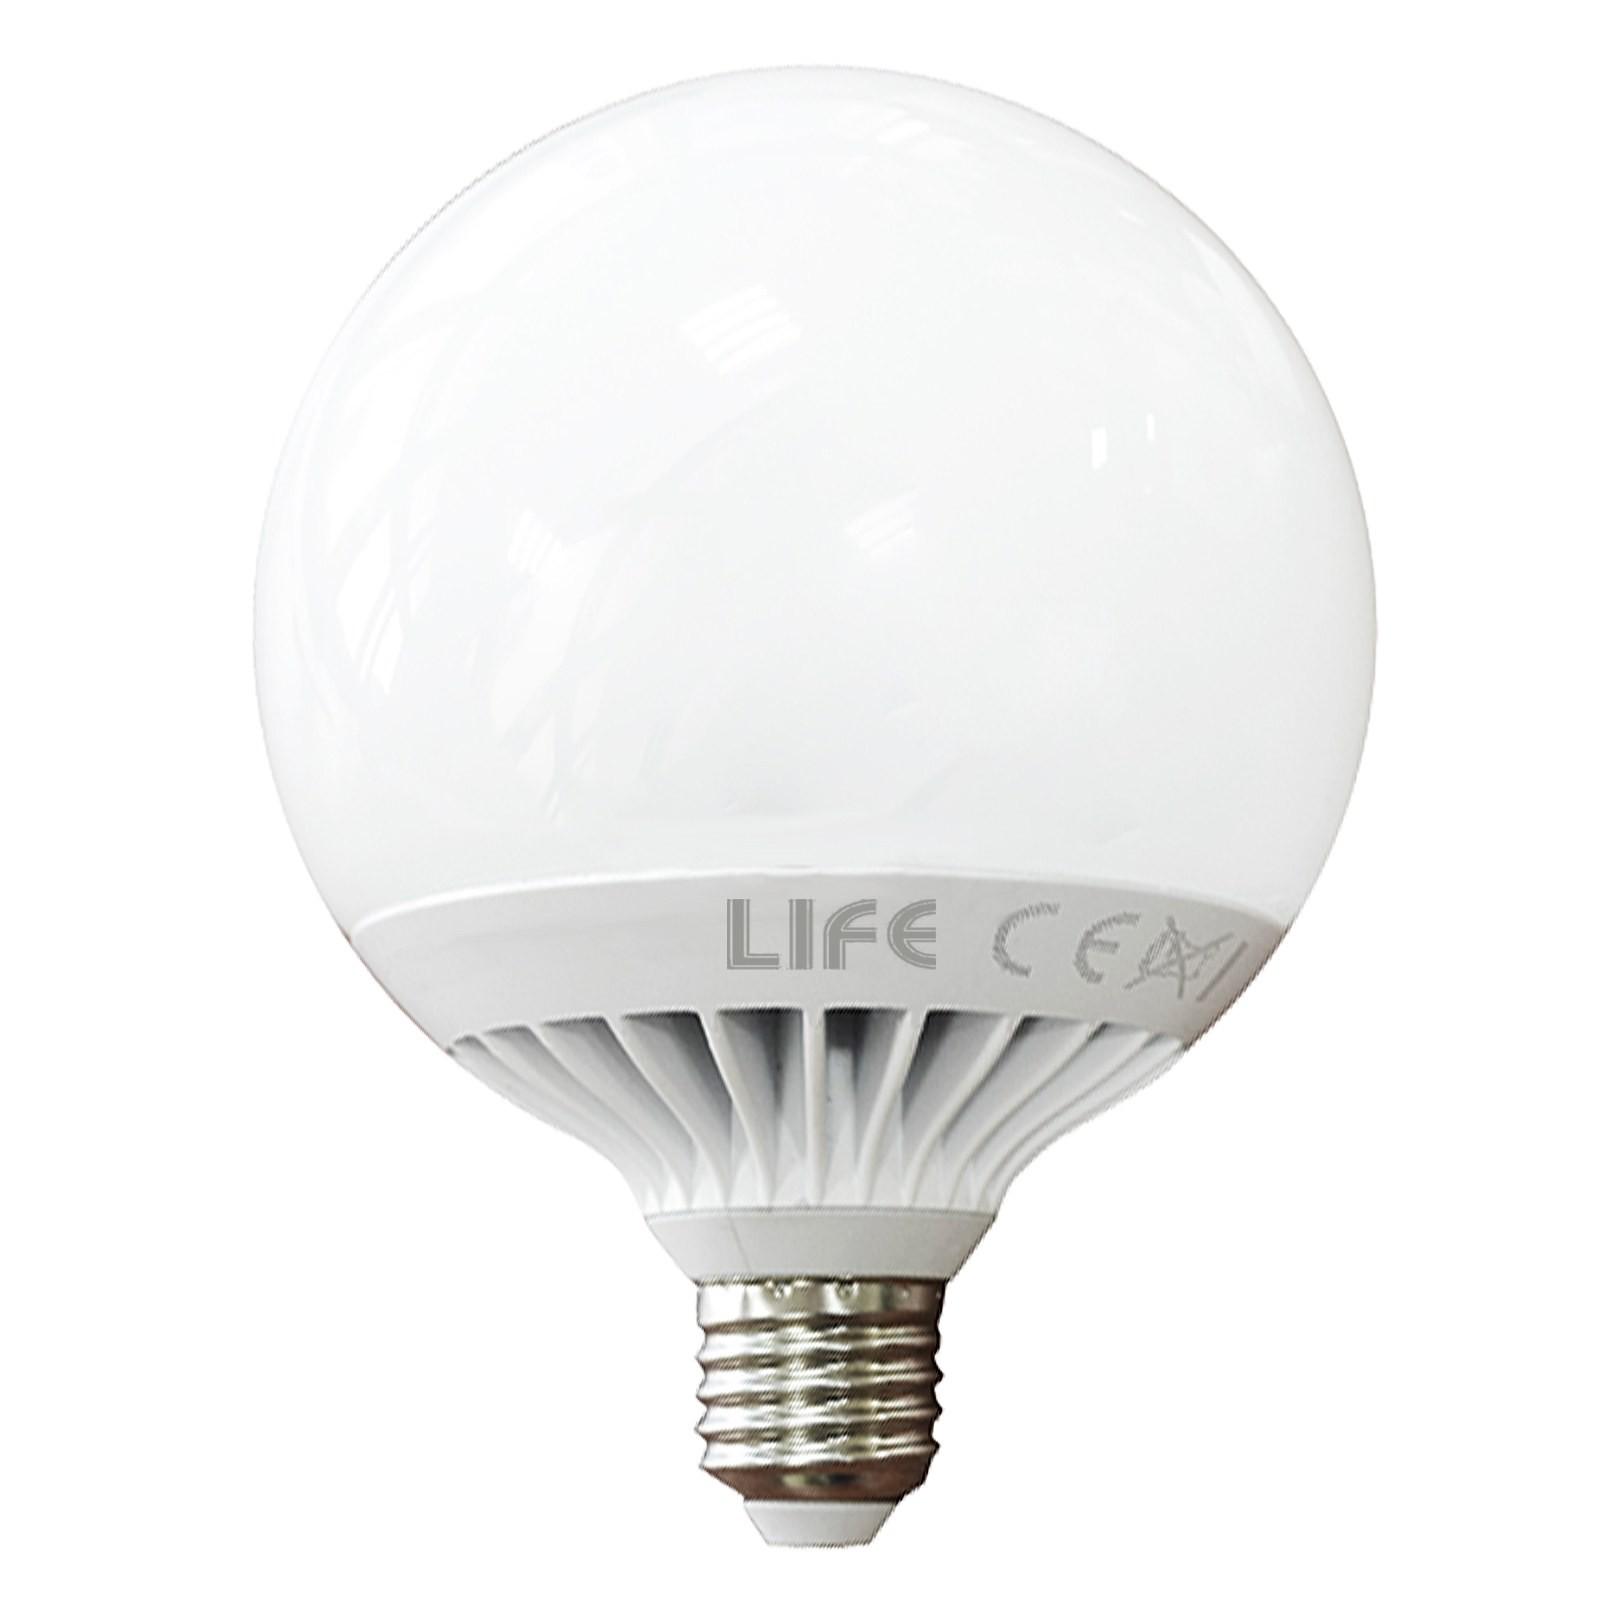 LAMPADA LAMPADINA A LED LUCE NATURALE NATURA A GLOBO ATTACCO E27 15 WATT  LIFE